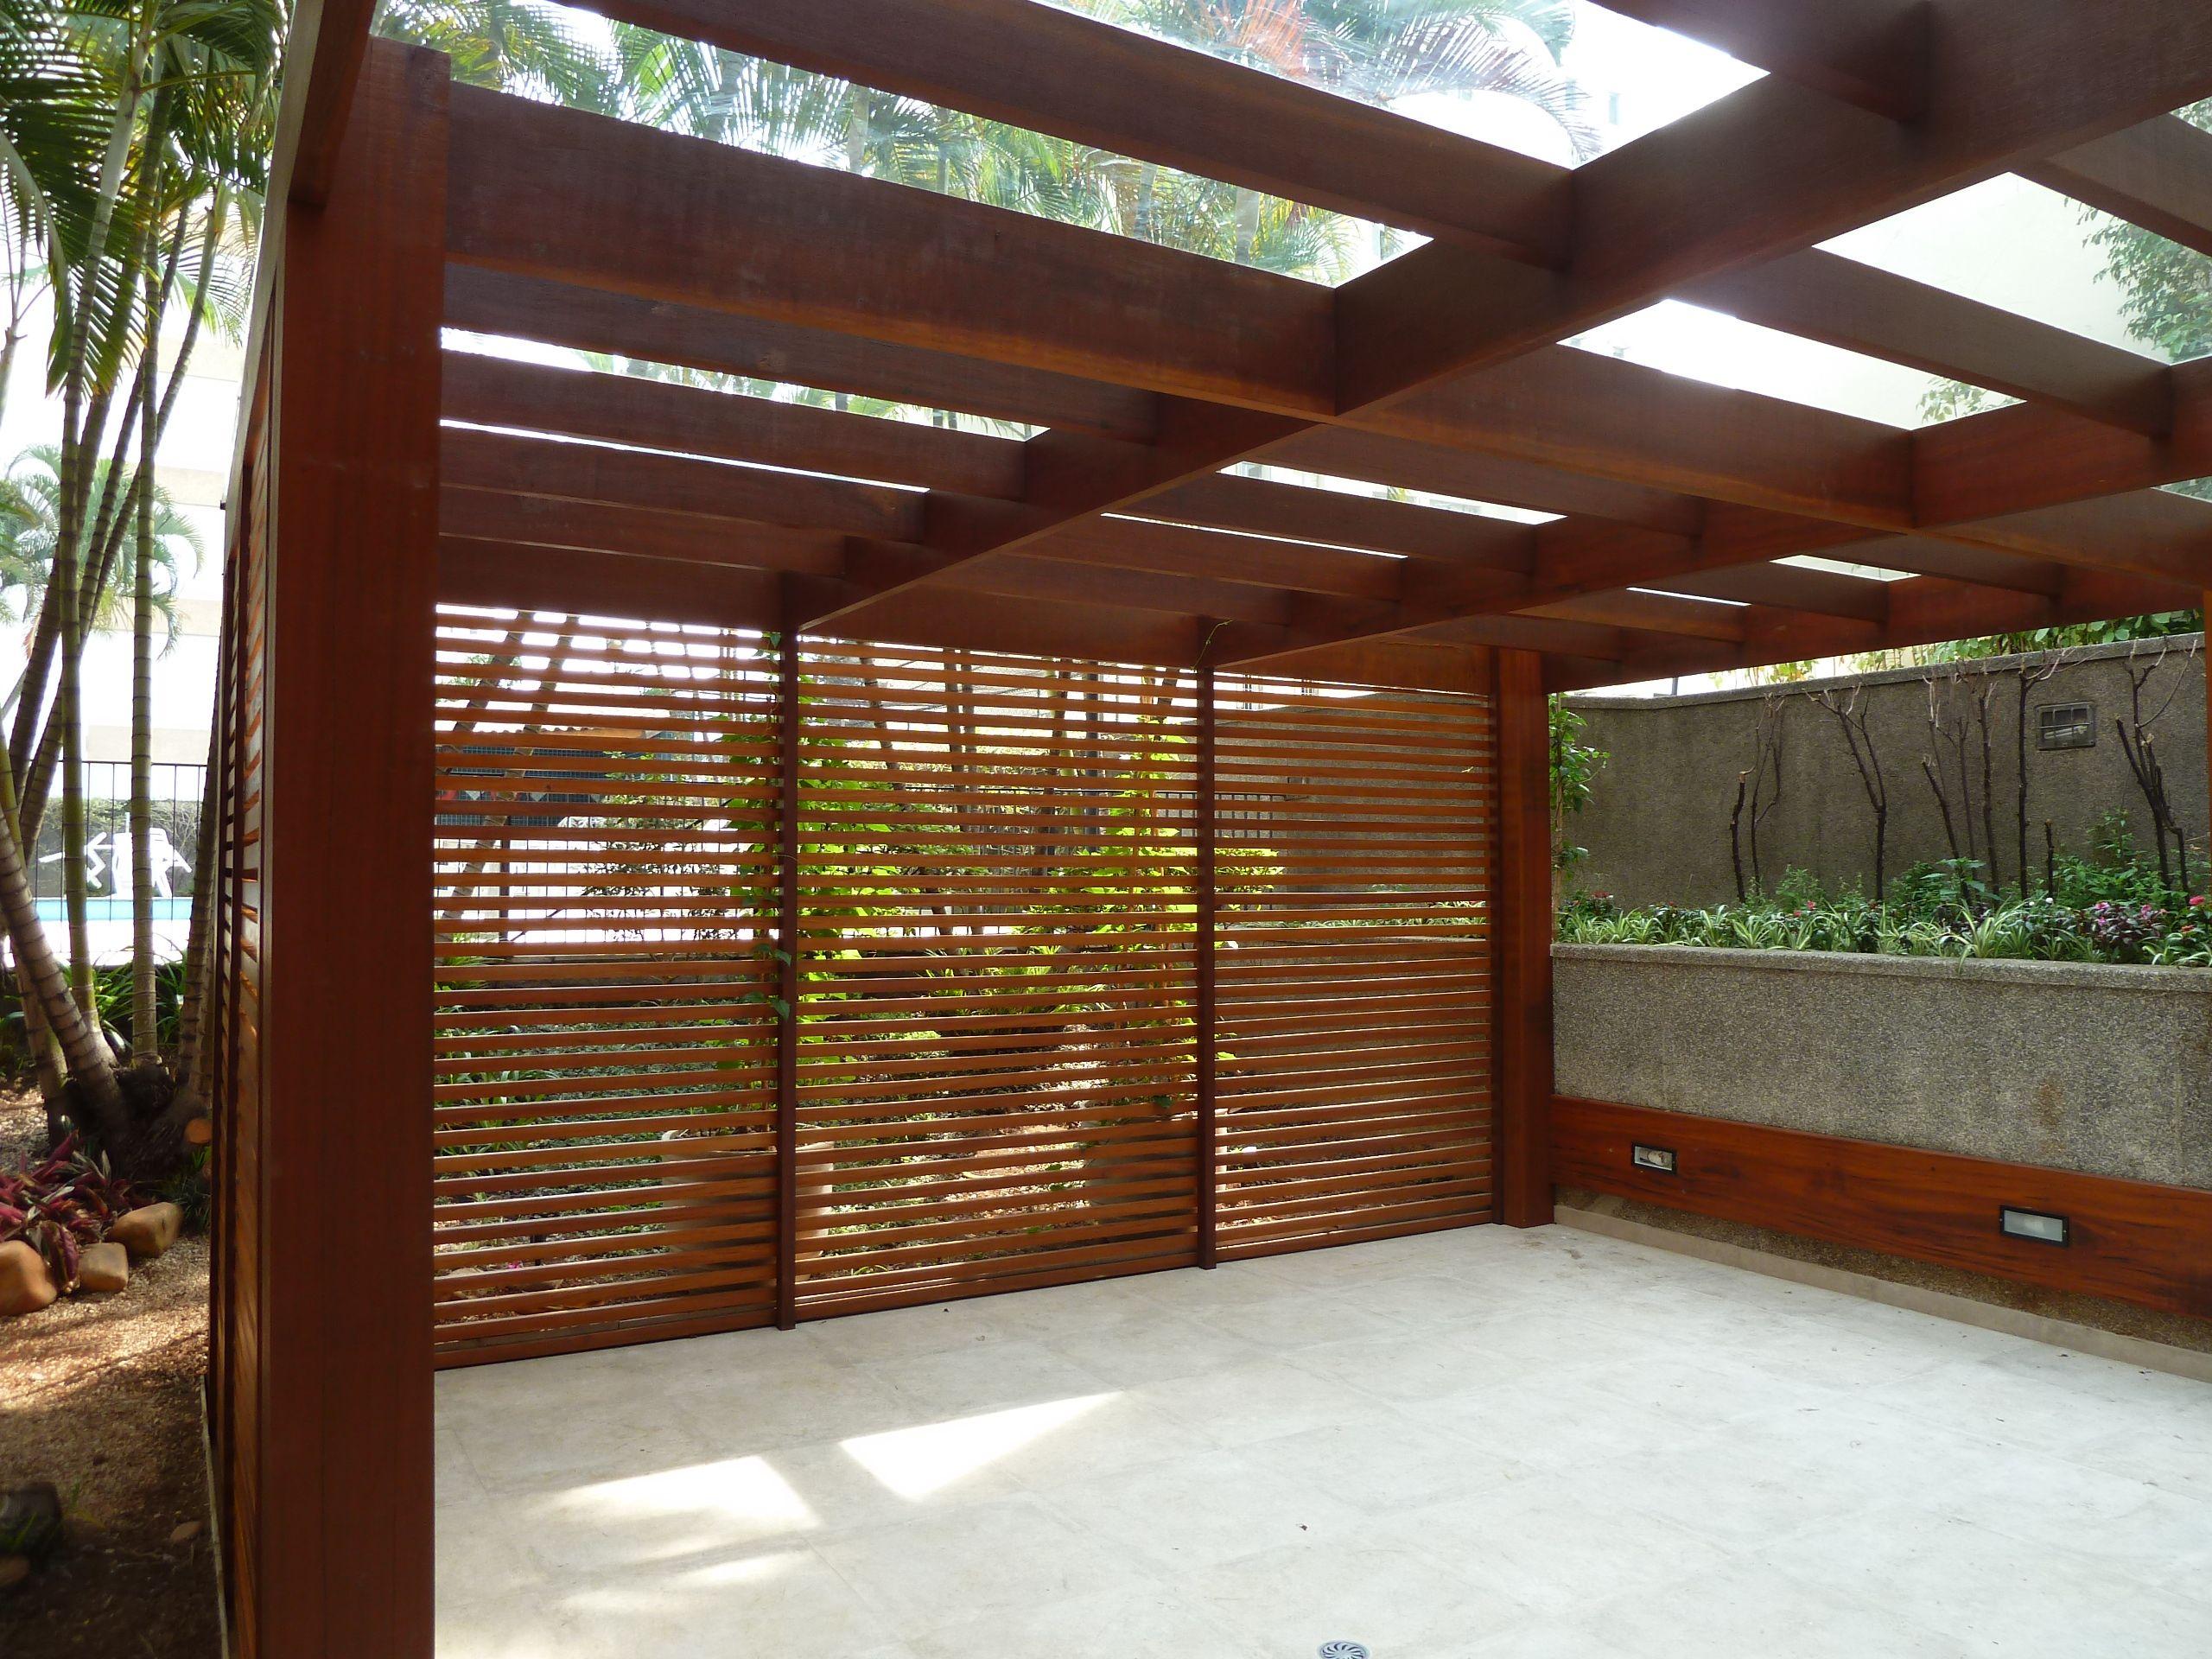 Projeto de Ana Donadio - Pergolado em madeira com cobertura de vidro para área da churrasqueira de um condominio